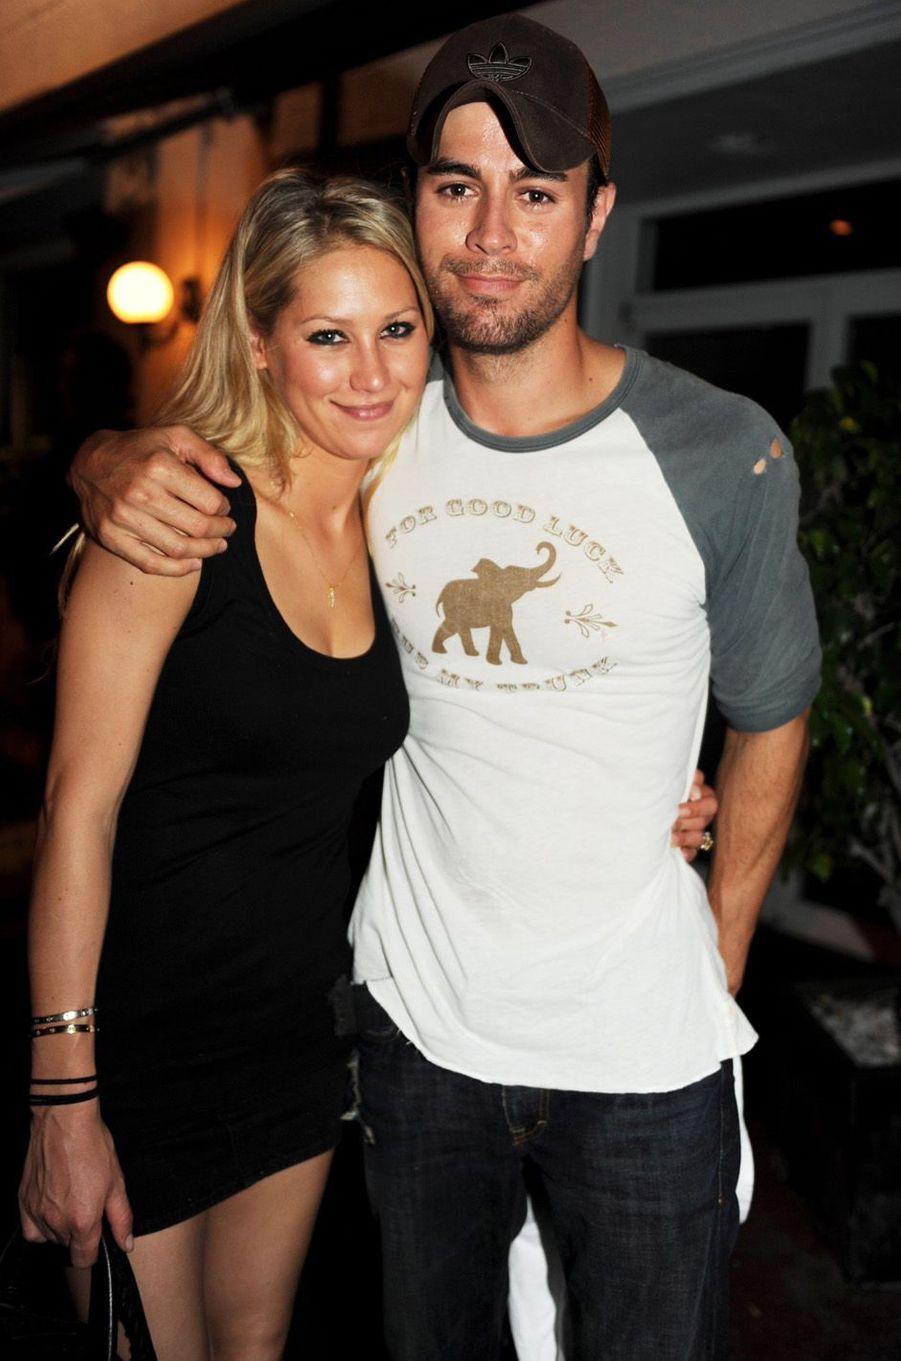 Enrique Iglesias et Anna Kournikova ont eu des jumeaux, prénommés Nicholas et Lucy, en décembre 2017.